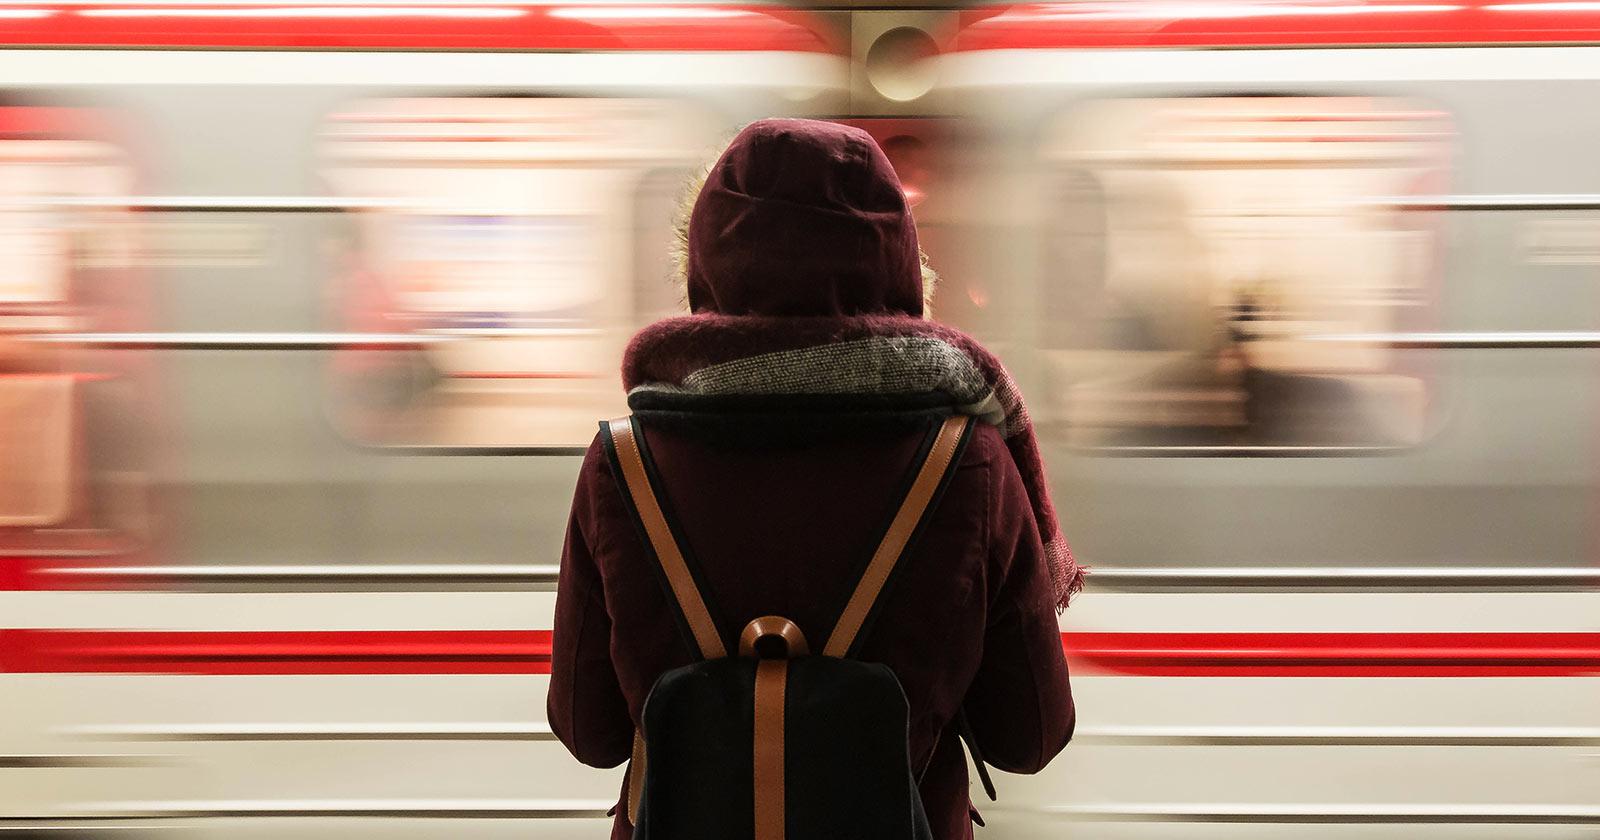 Cosas que todo viajero debería saber (antes de salir de viaje)